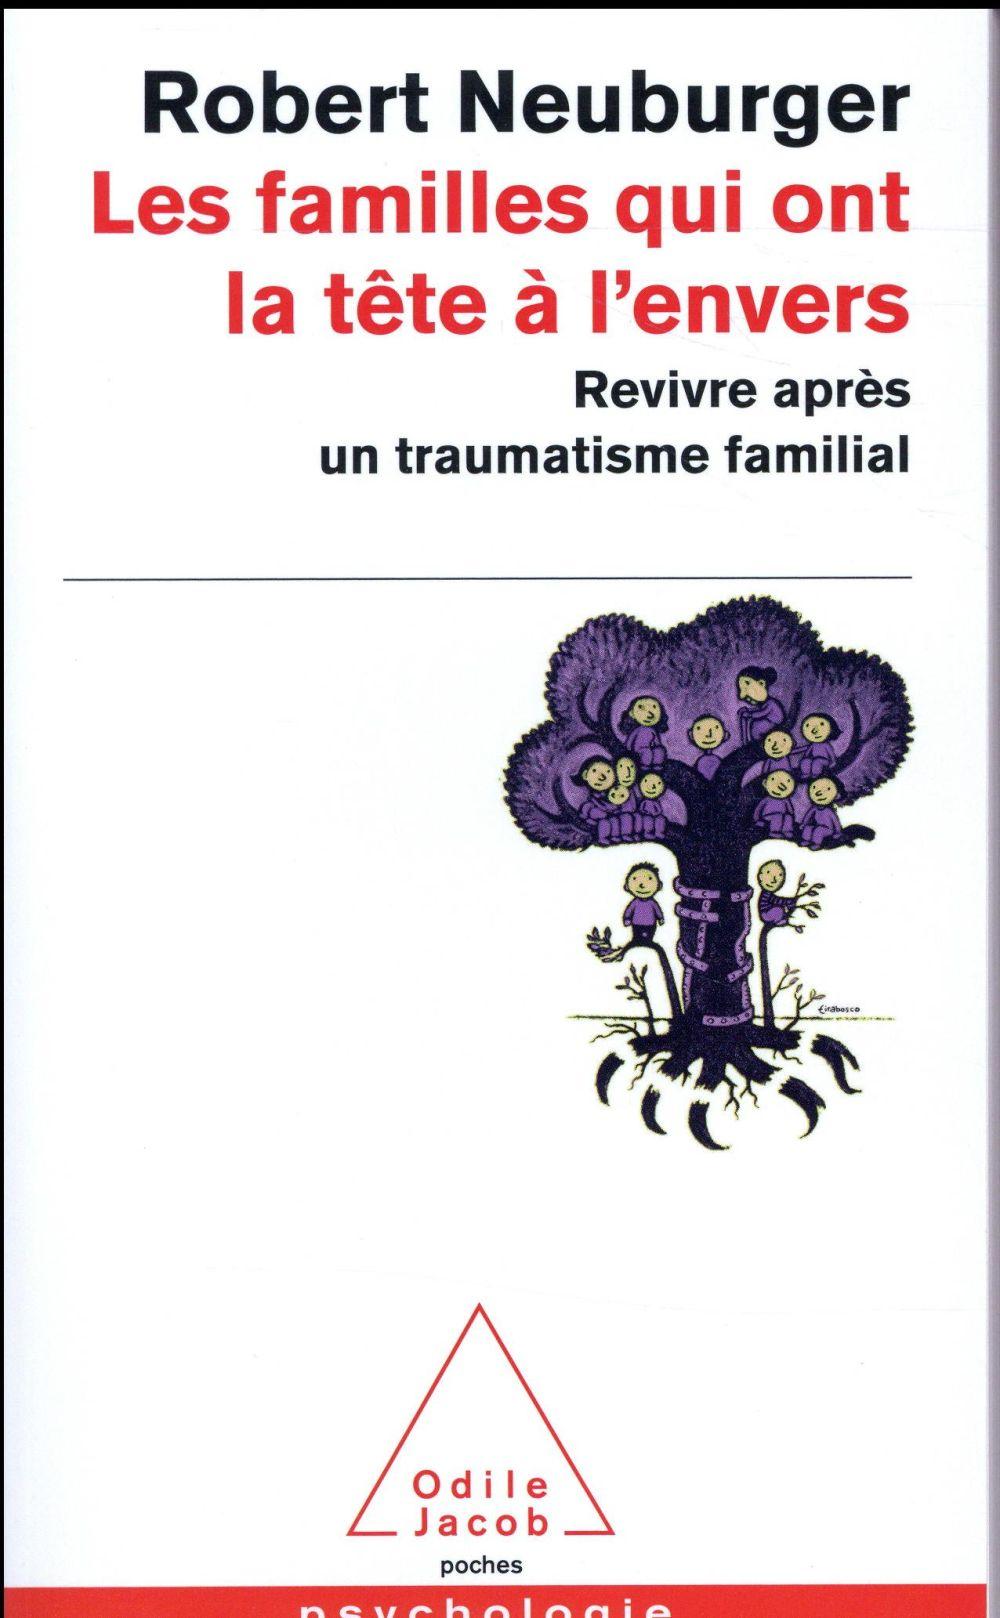 LES FAMILLES QUI ONT LA TETE A L'ENVERS - REVIVRE APRES UN TRAUMATISME FAMILIAL